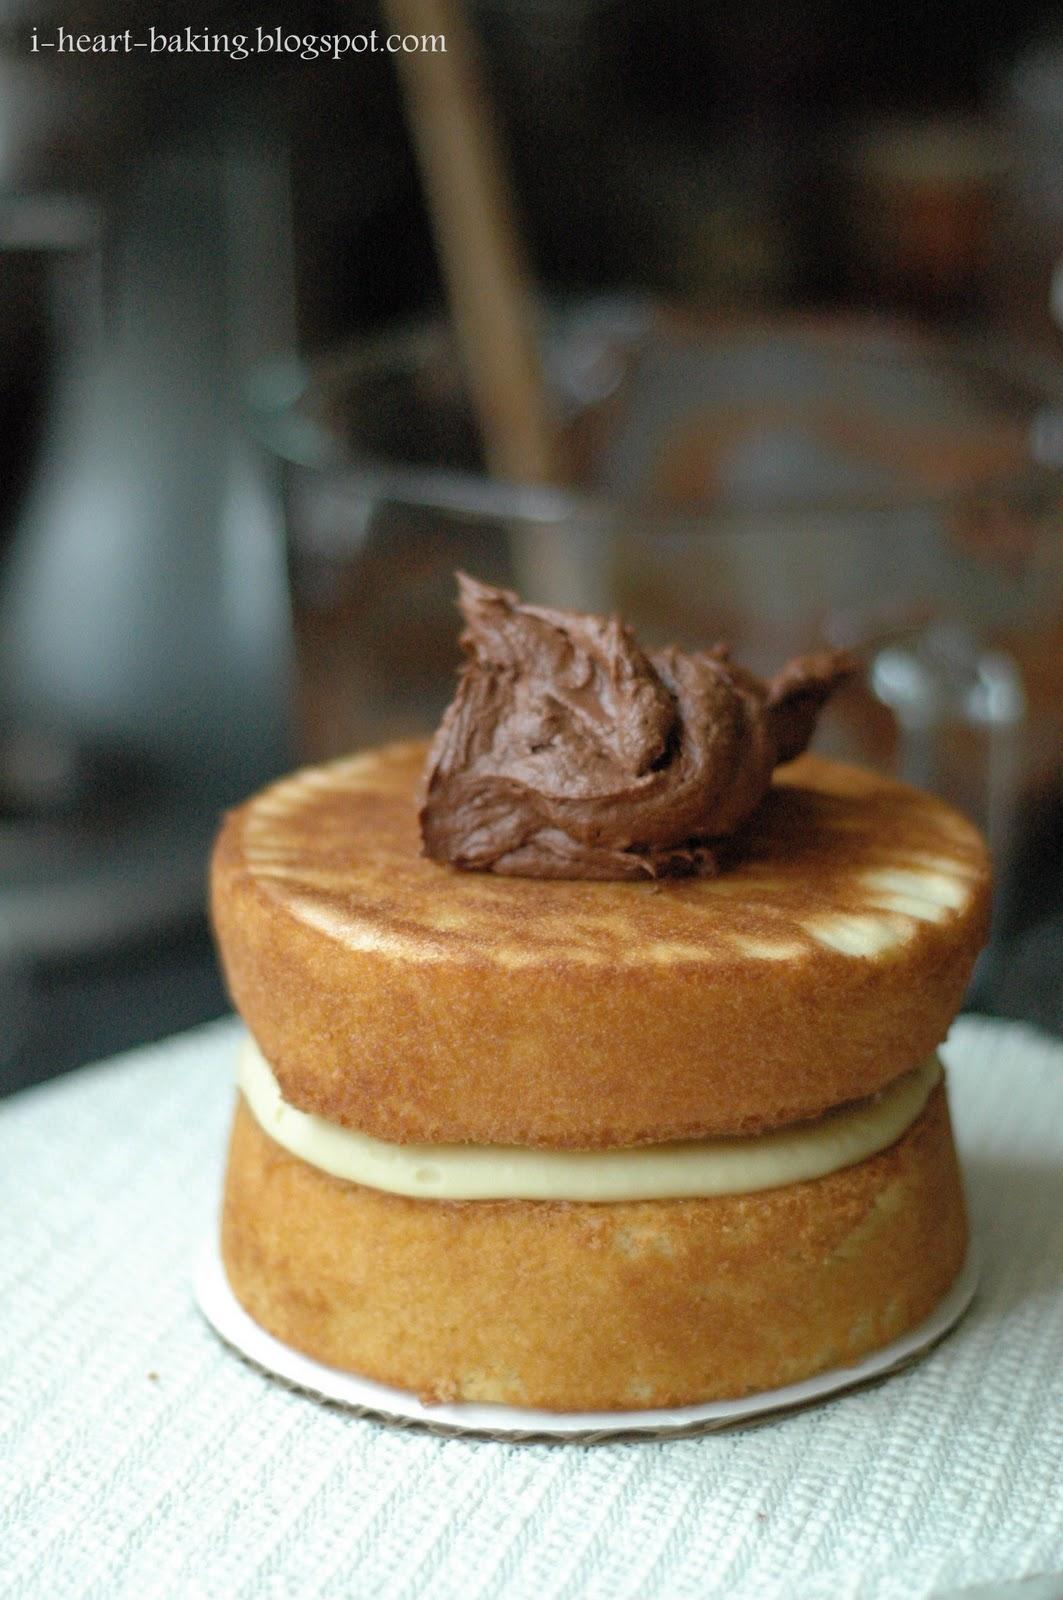 heart baking!: boston cream pie inspired birthday cake